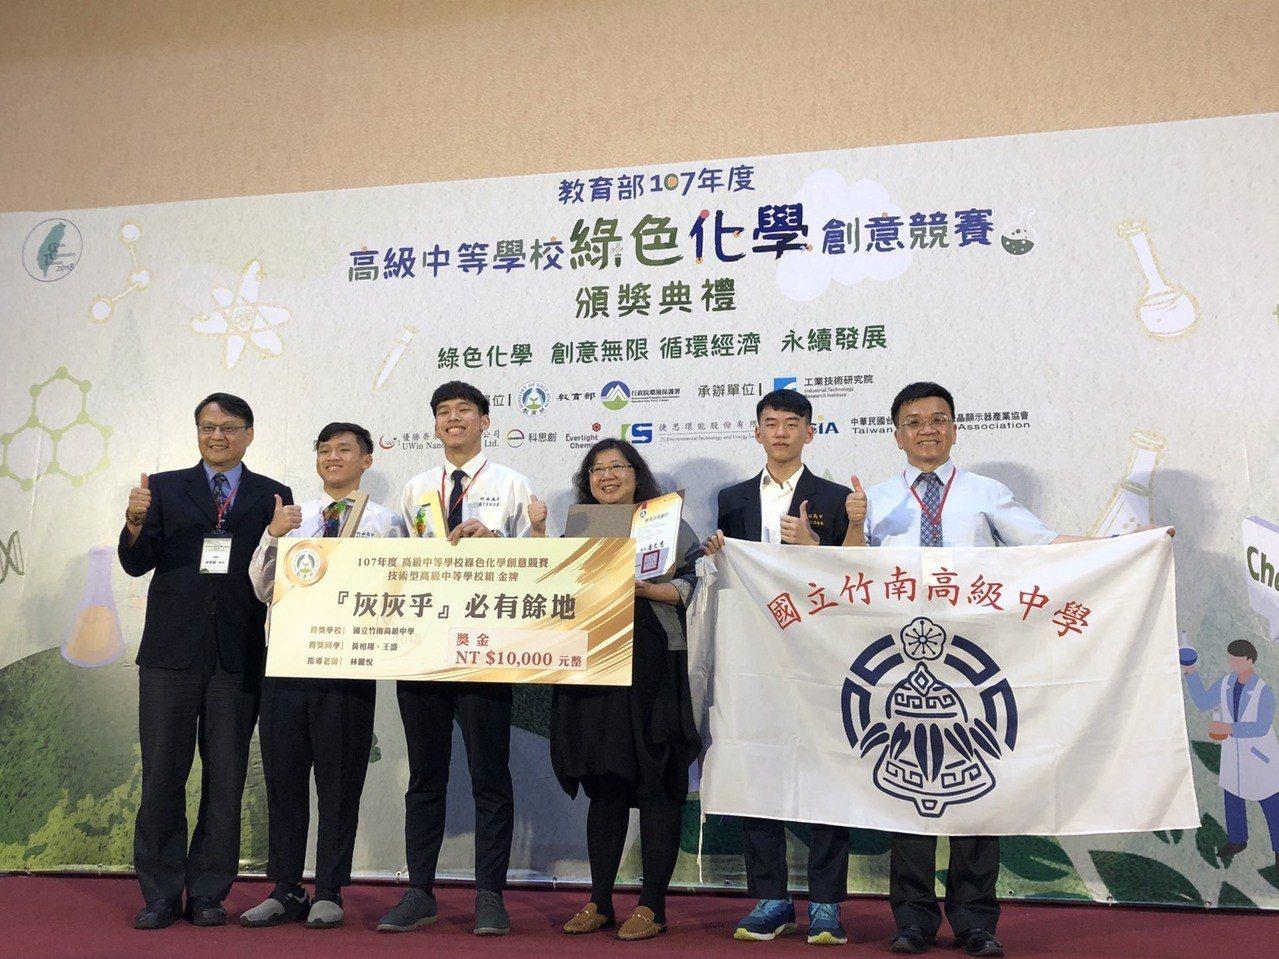 竹南高中化工科三年級生王盛、林祈霈、黃柏翔組成的「灰灰乎必有餘地」團隊,今天拿下...